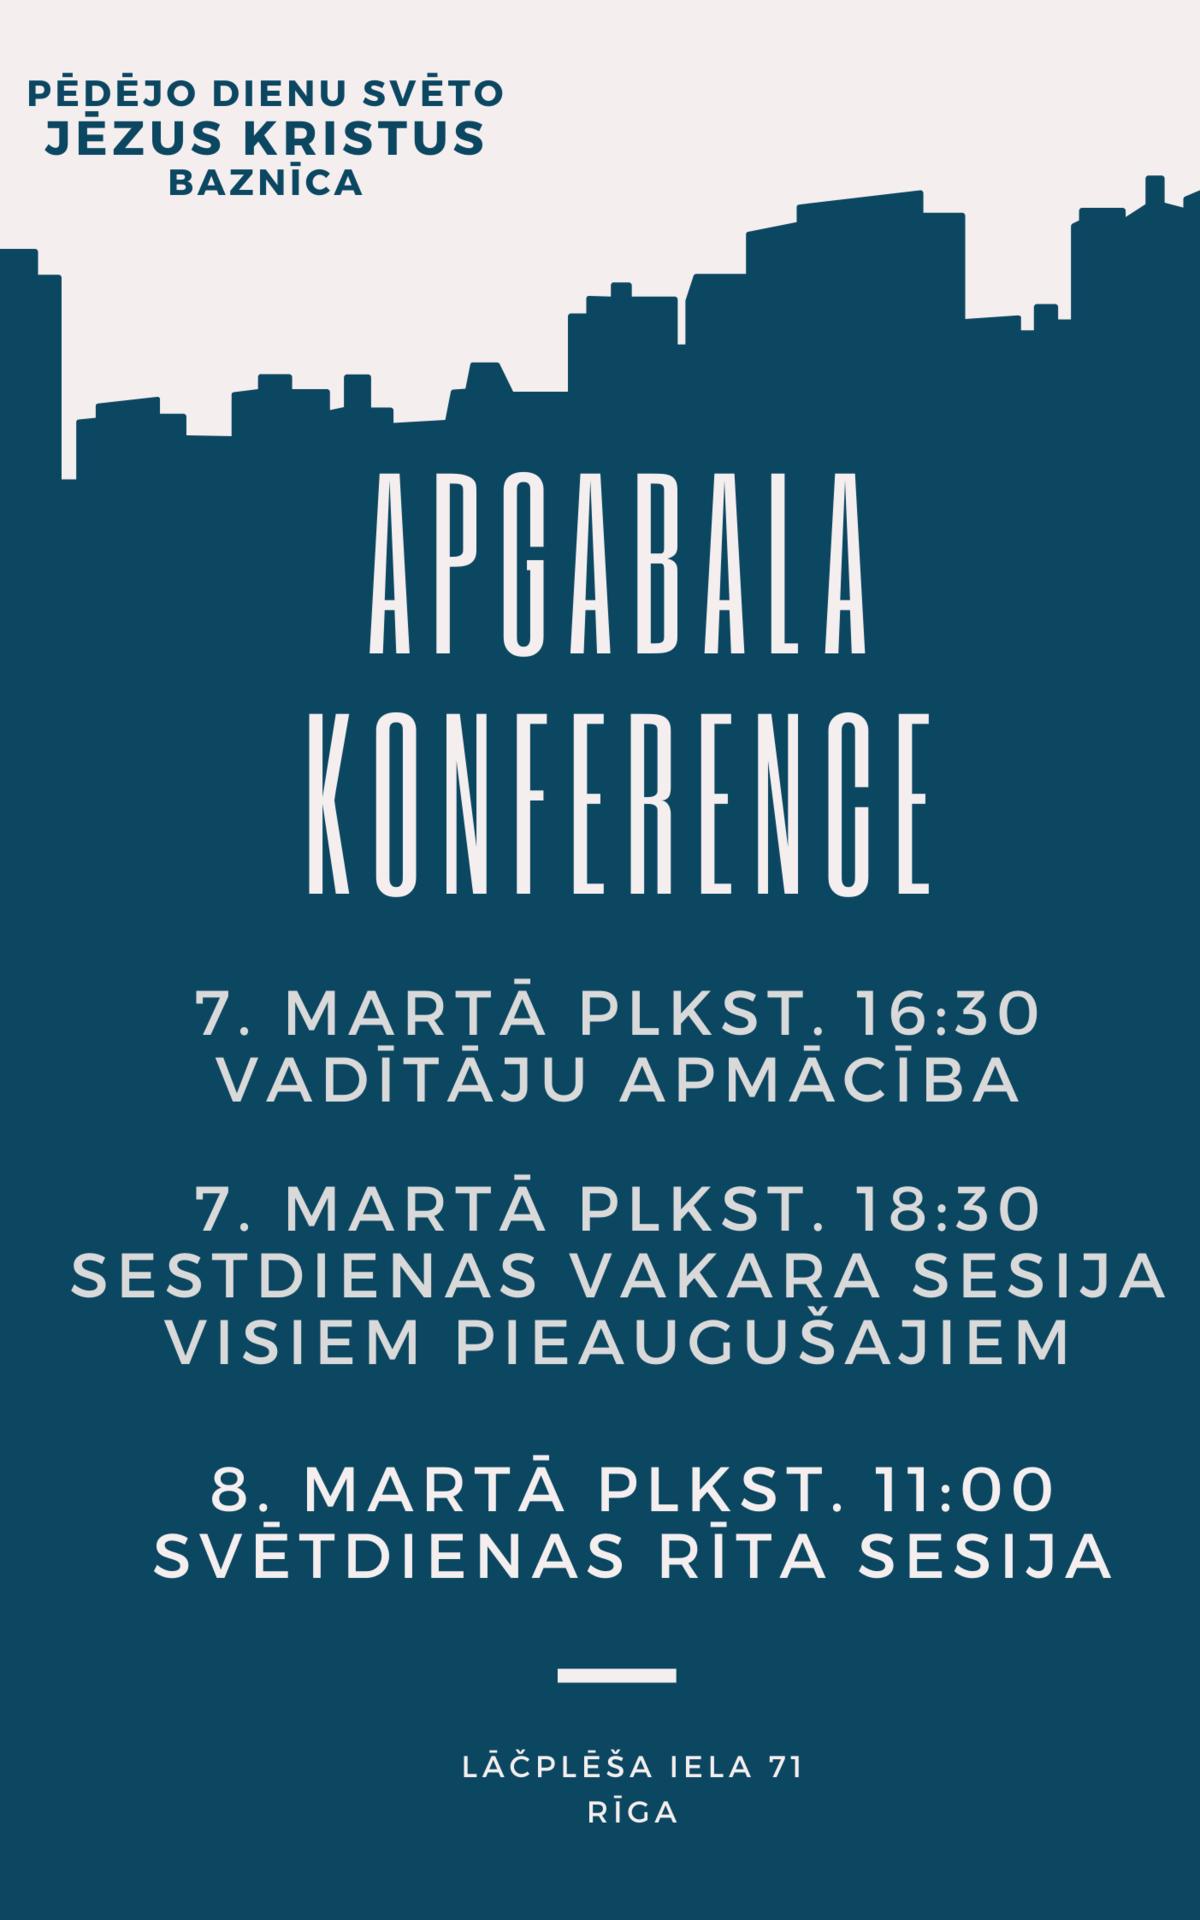 Apgabala konferences plakāts